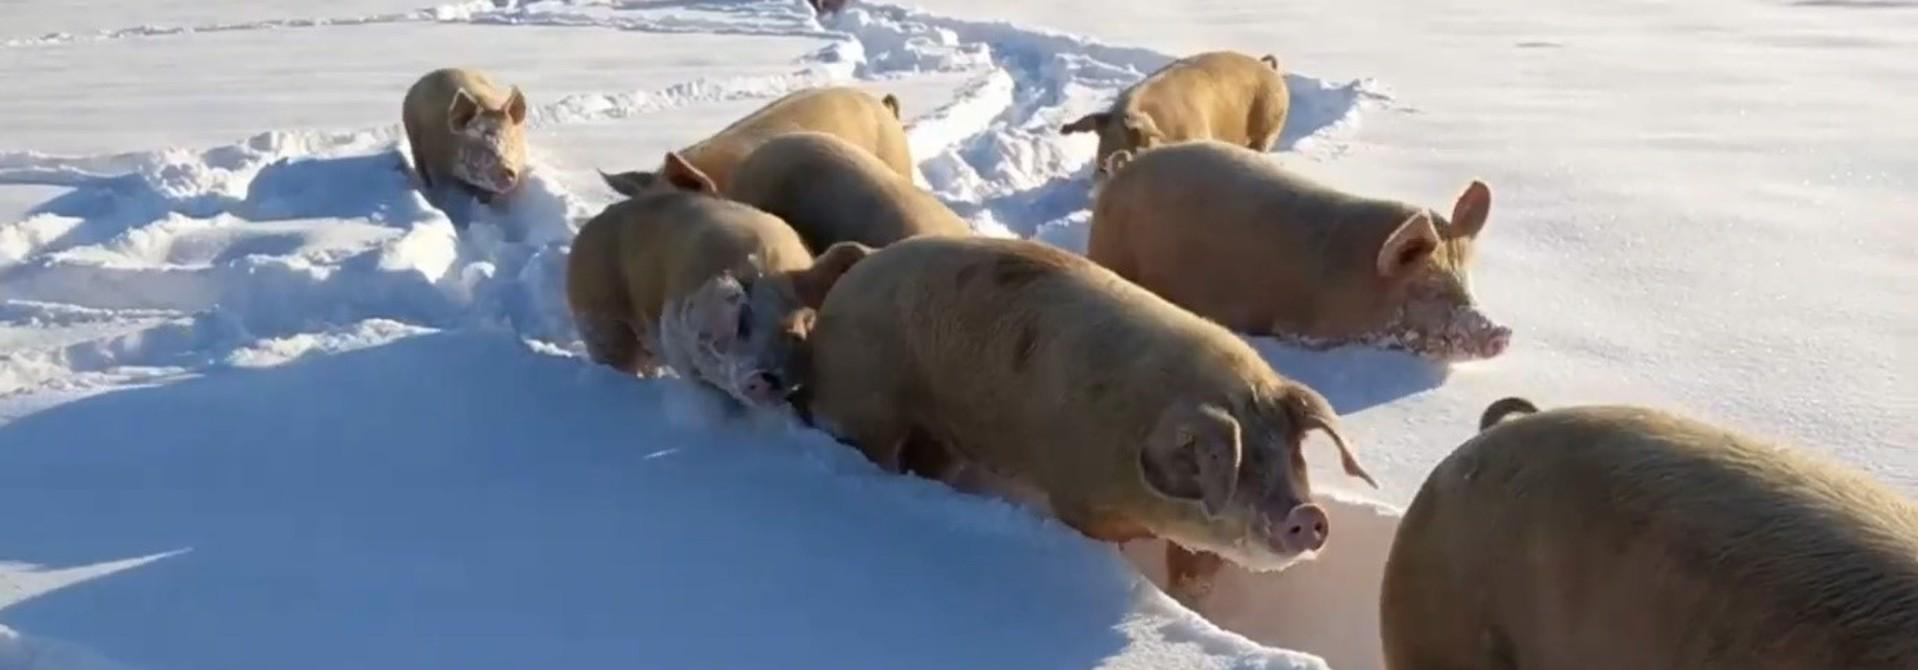 Schweine im Tiefschnee. Quelle M. Siegrist>